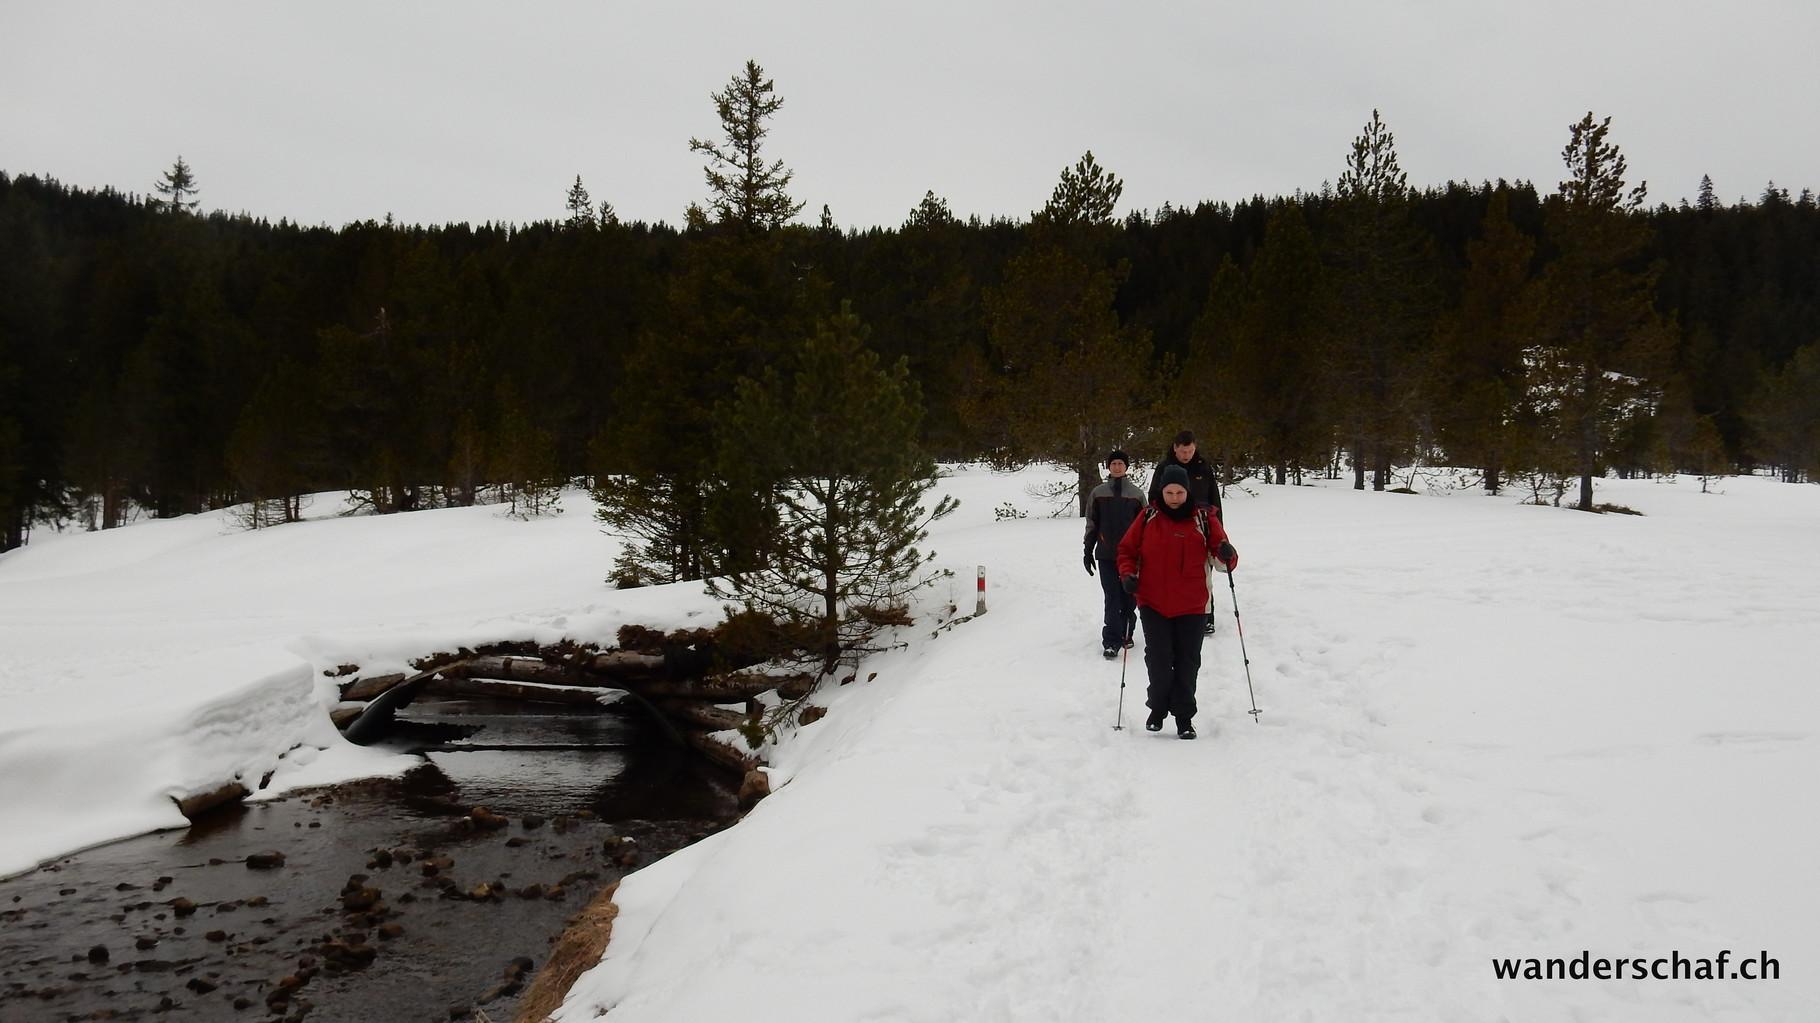 in der Annahme, dass sich der Föhn schon verabschiedet hat, entscheiden wir uns die geplante Schneeschuhtour abzusagen und machen einen kurzen Spaziergang über den  Winterwanderweg